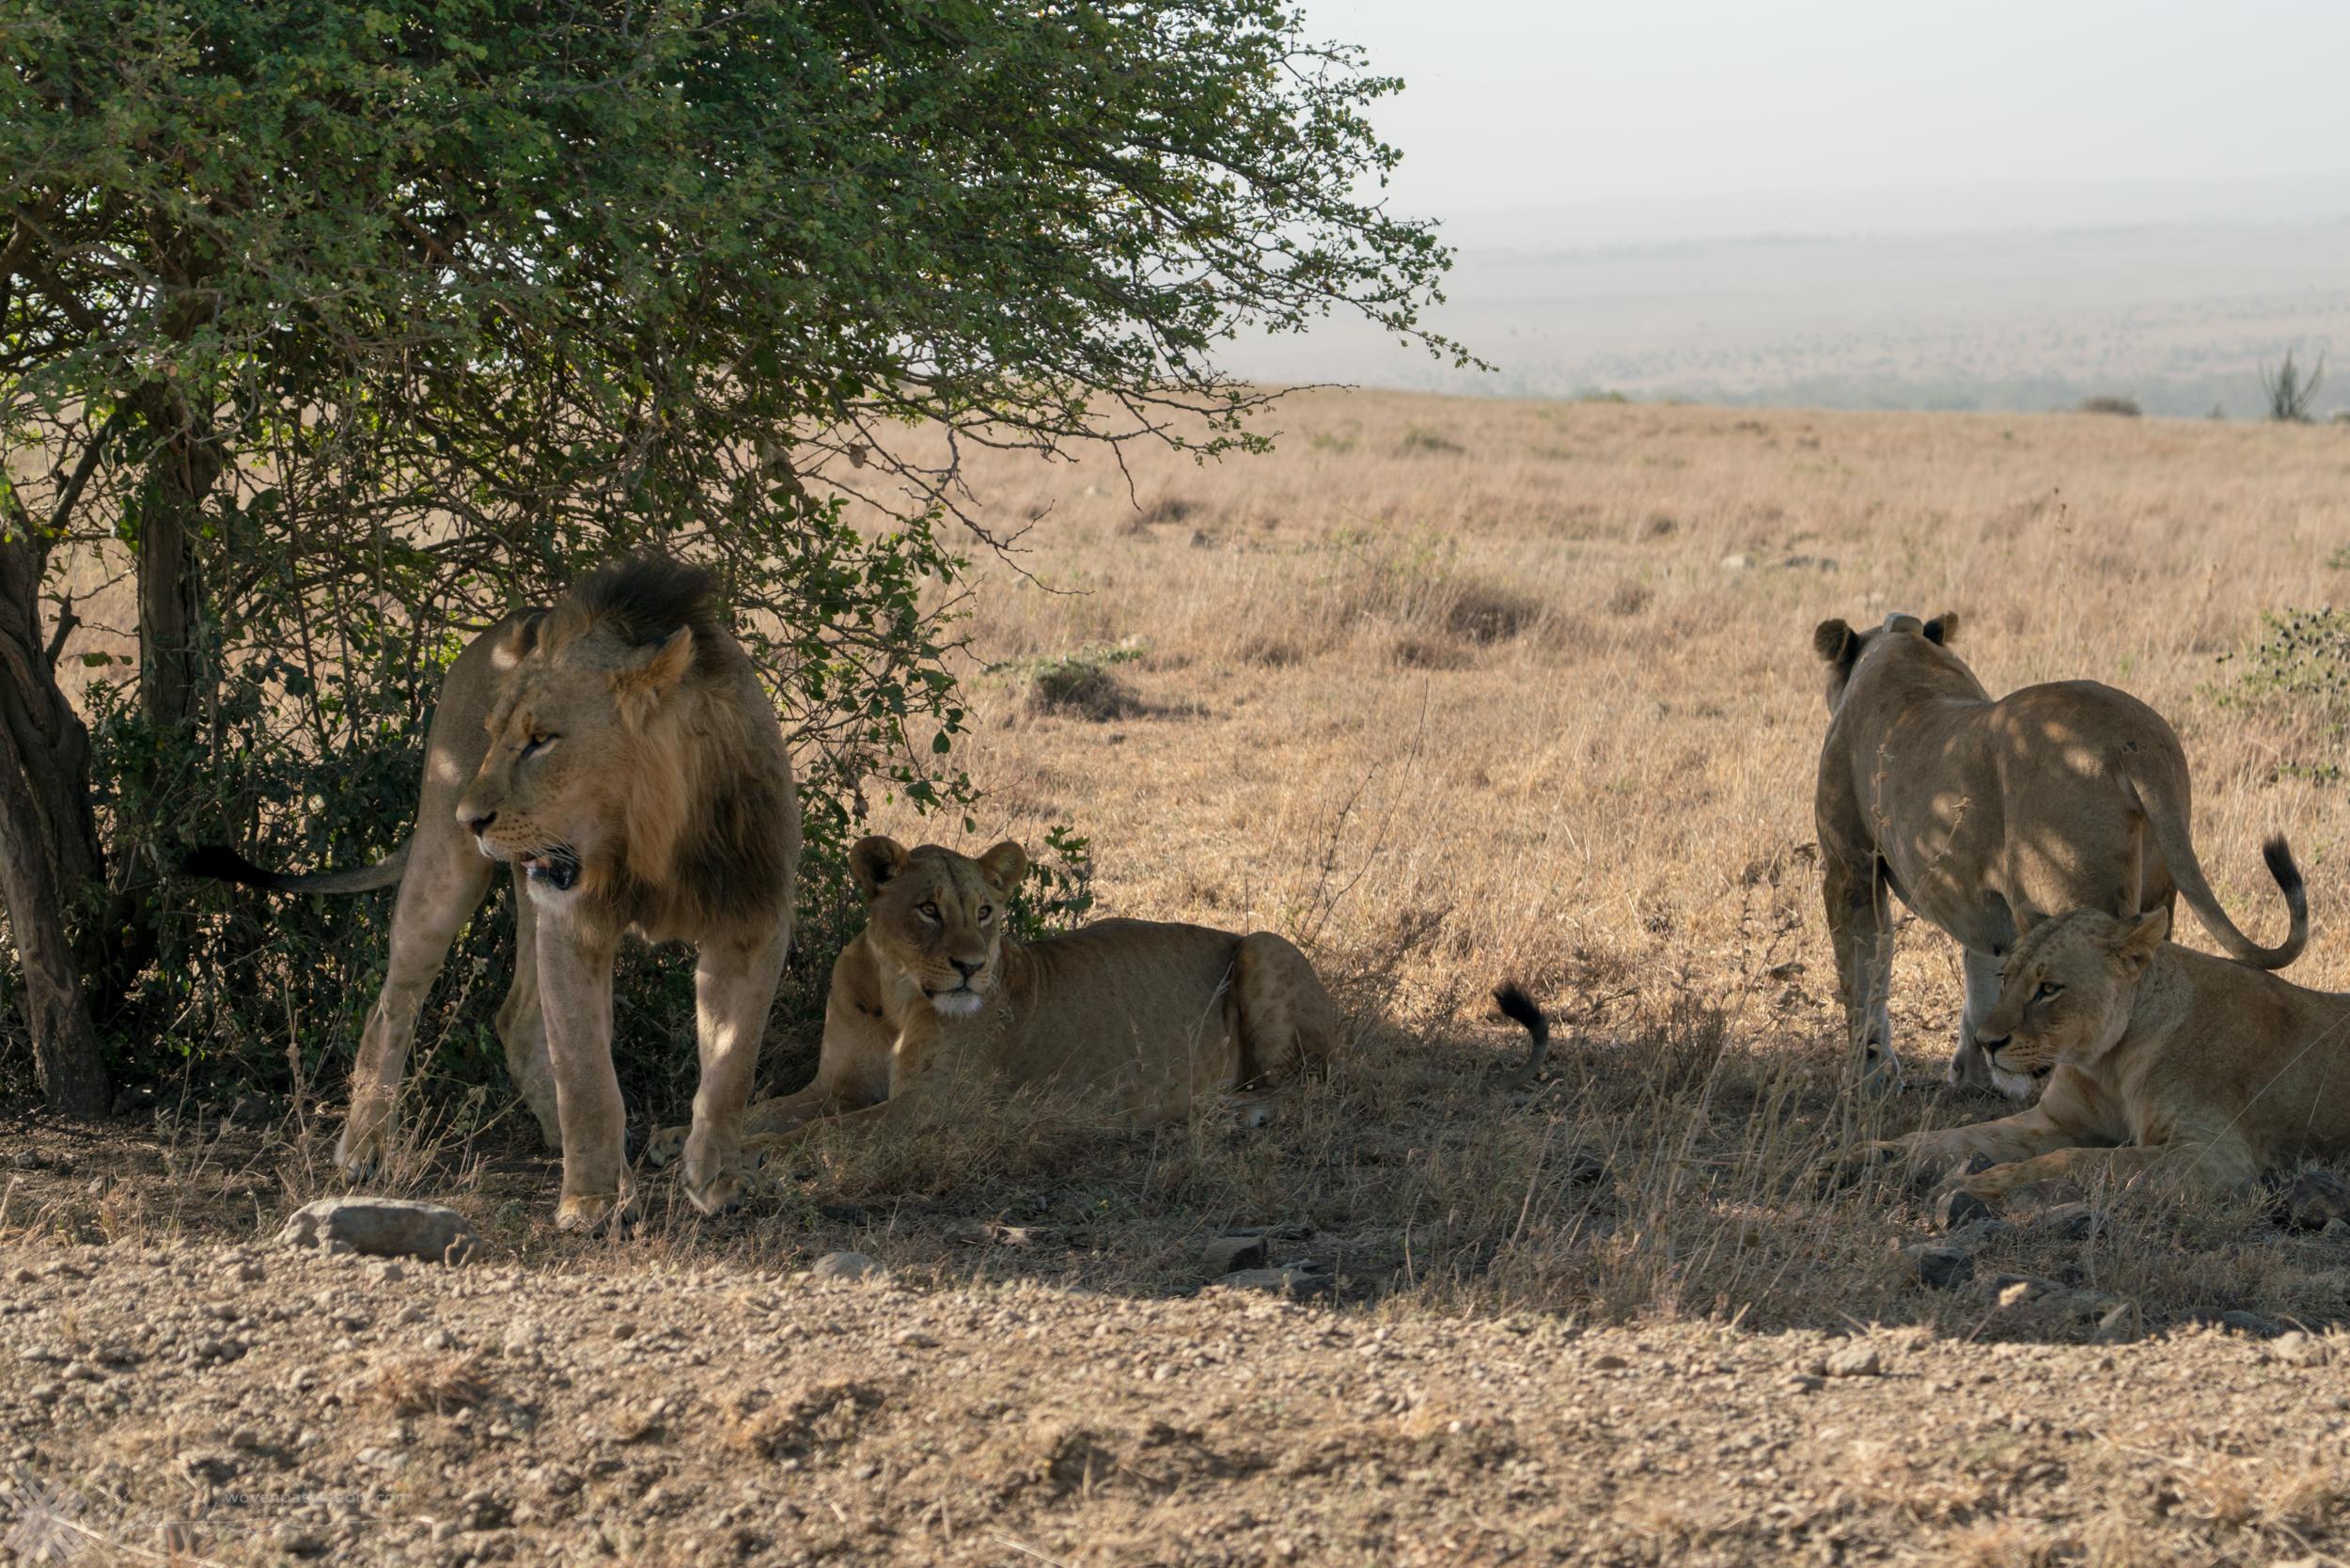 17_mateohinojosa_20170124_Kenya_mfh_DSC02034.jpg